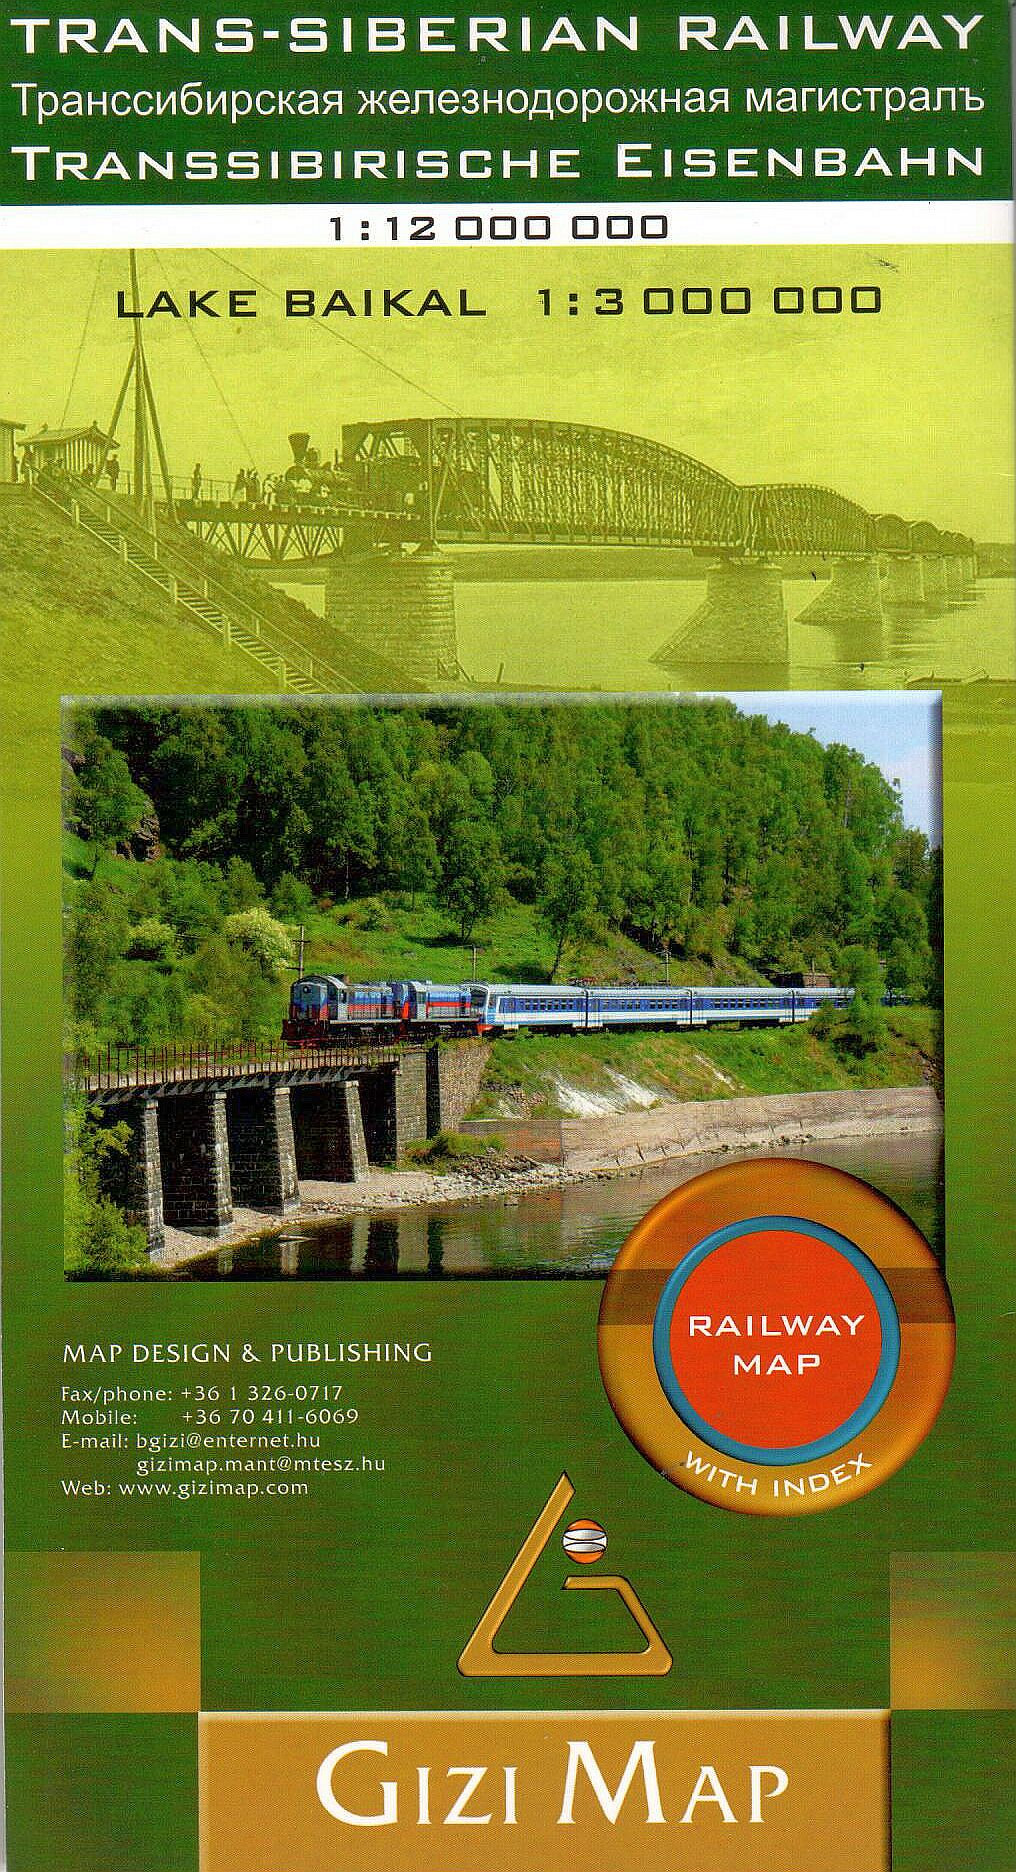 Transzszibériai vasútvonal és mellékágainak turista-információs térképe Bajkál melléktérképpel és névmutatóval